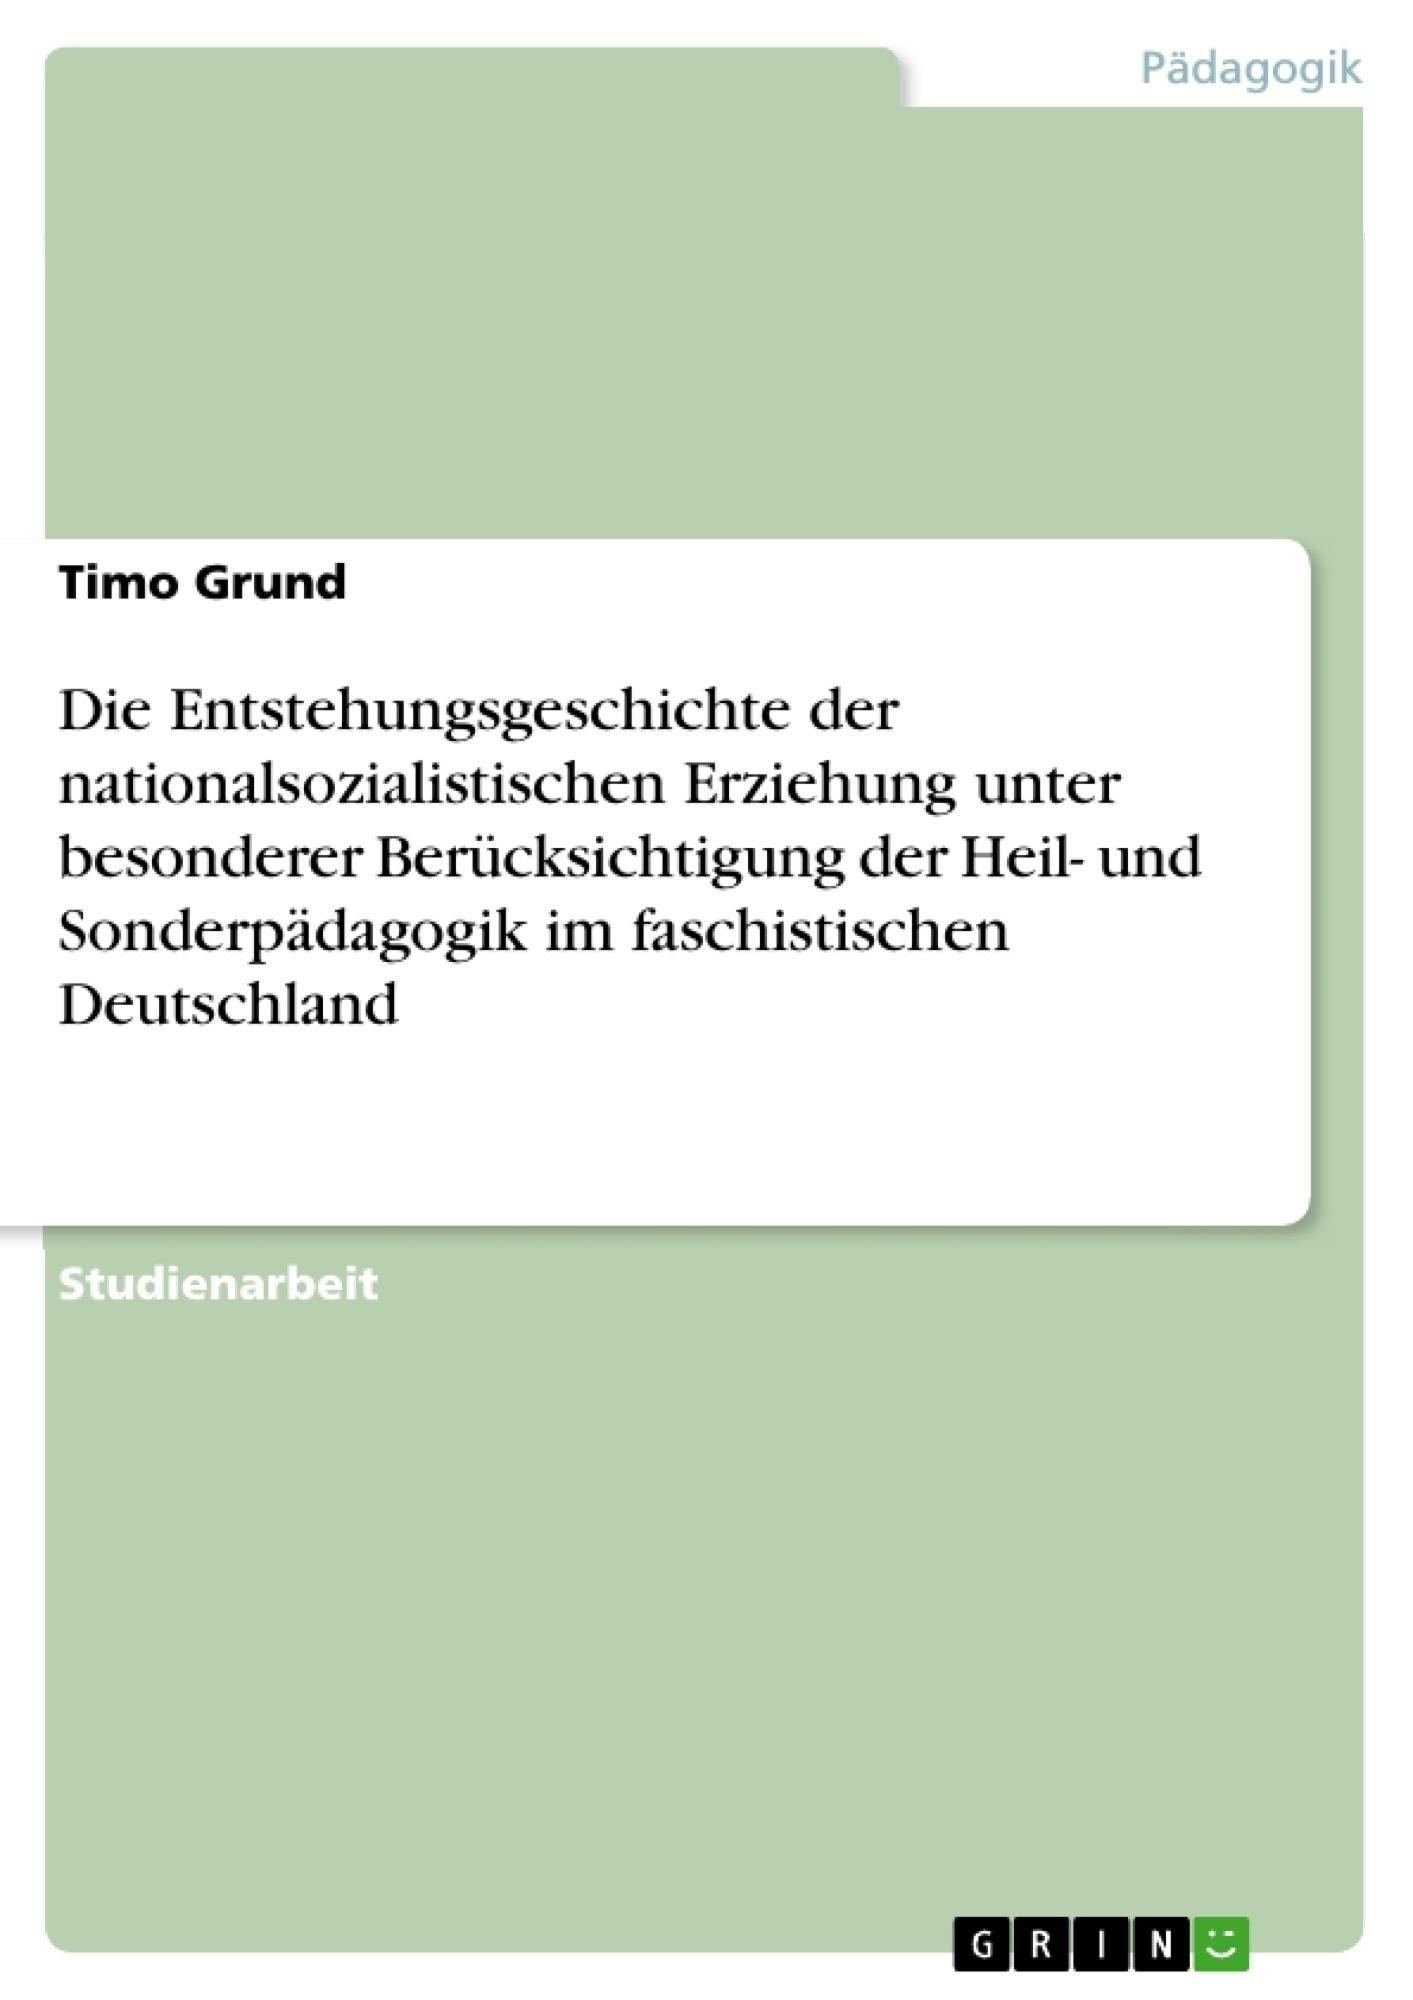 Titel: Die Entstehungsgeschichte der nationalsozialistischen Erziehung unter besonderer Berücksichtigung der Heil- und Sonderpädagogik im faschistischen Deutschland